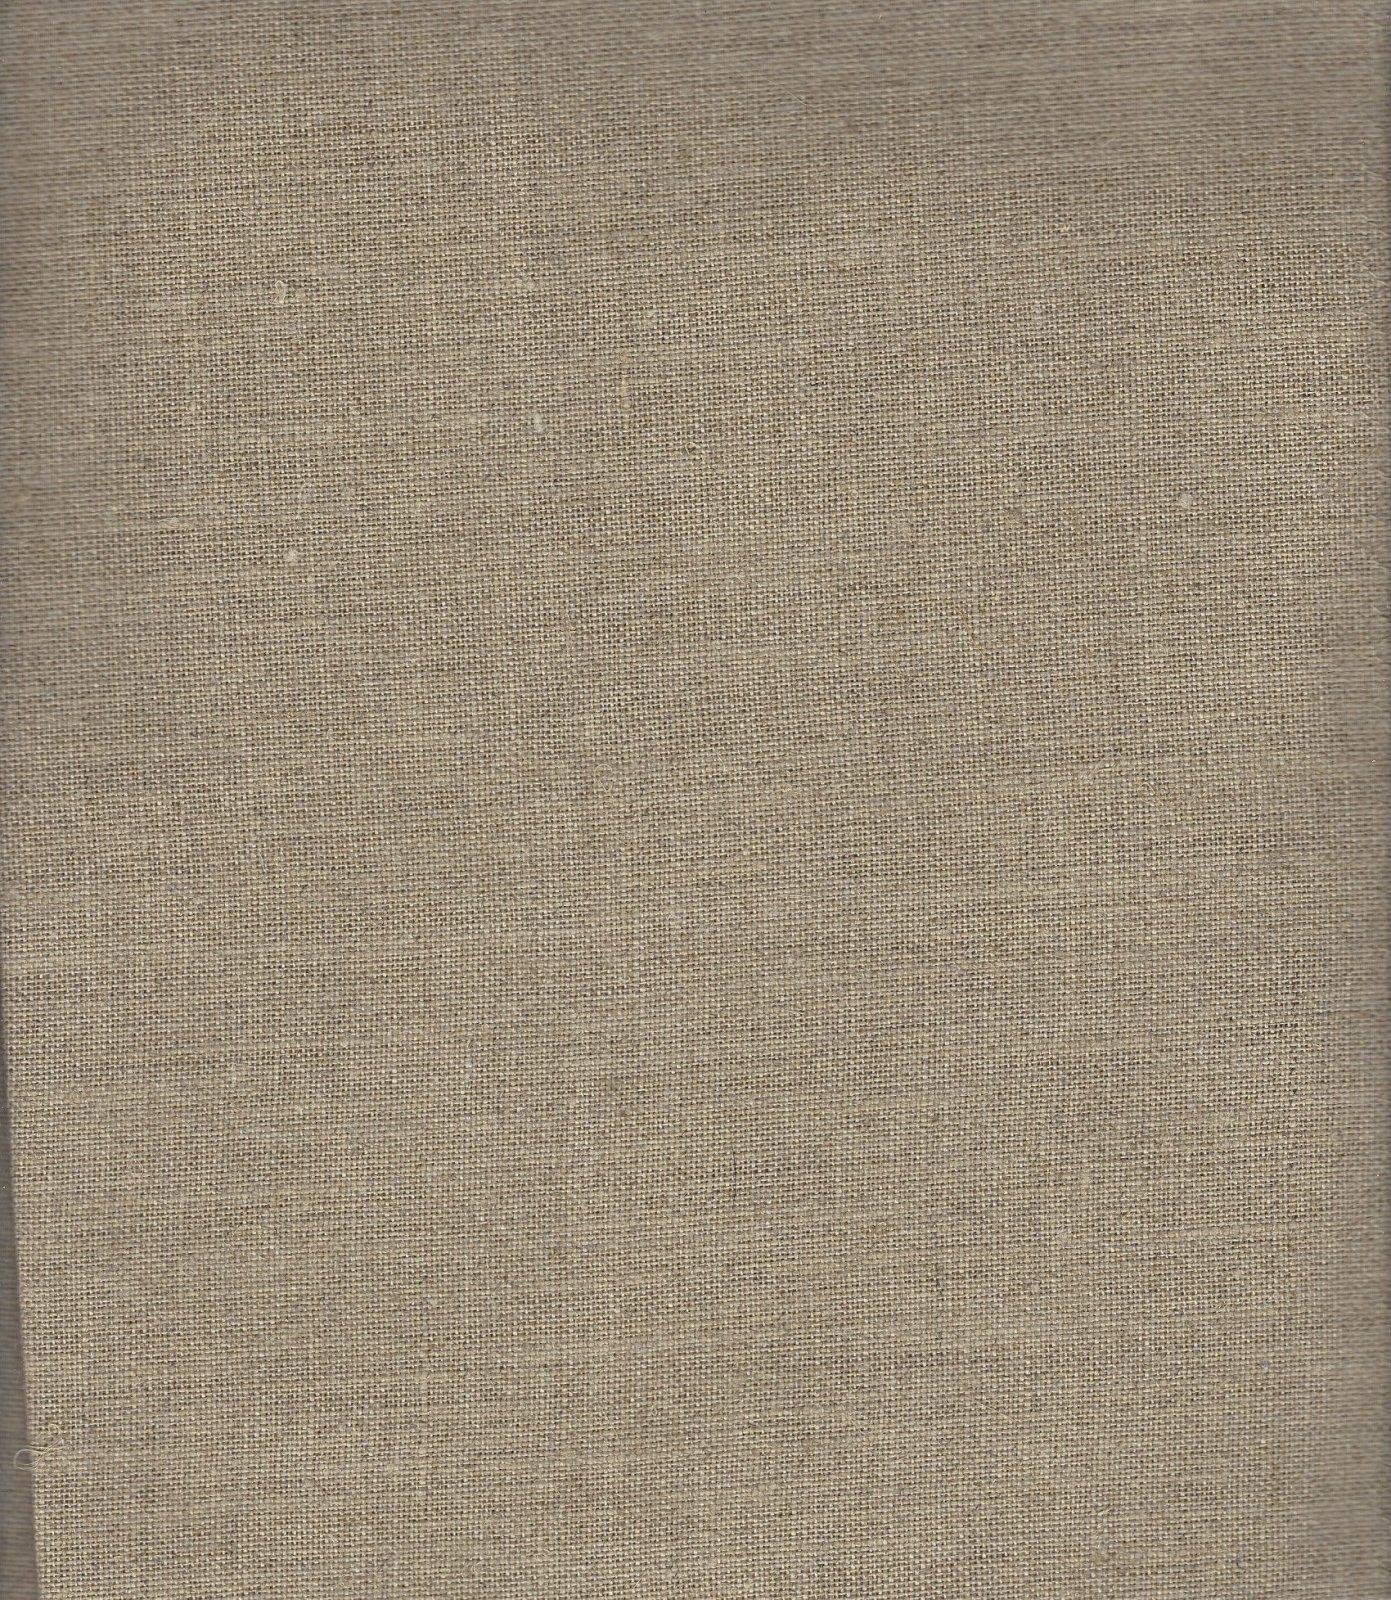 Belfast Raw Linen (Natural)